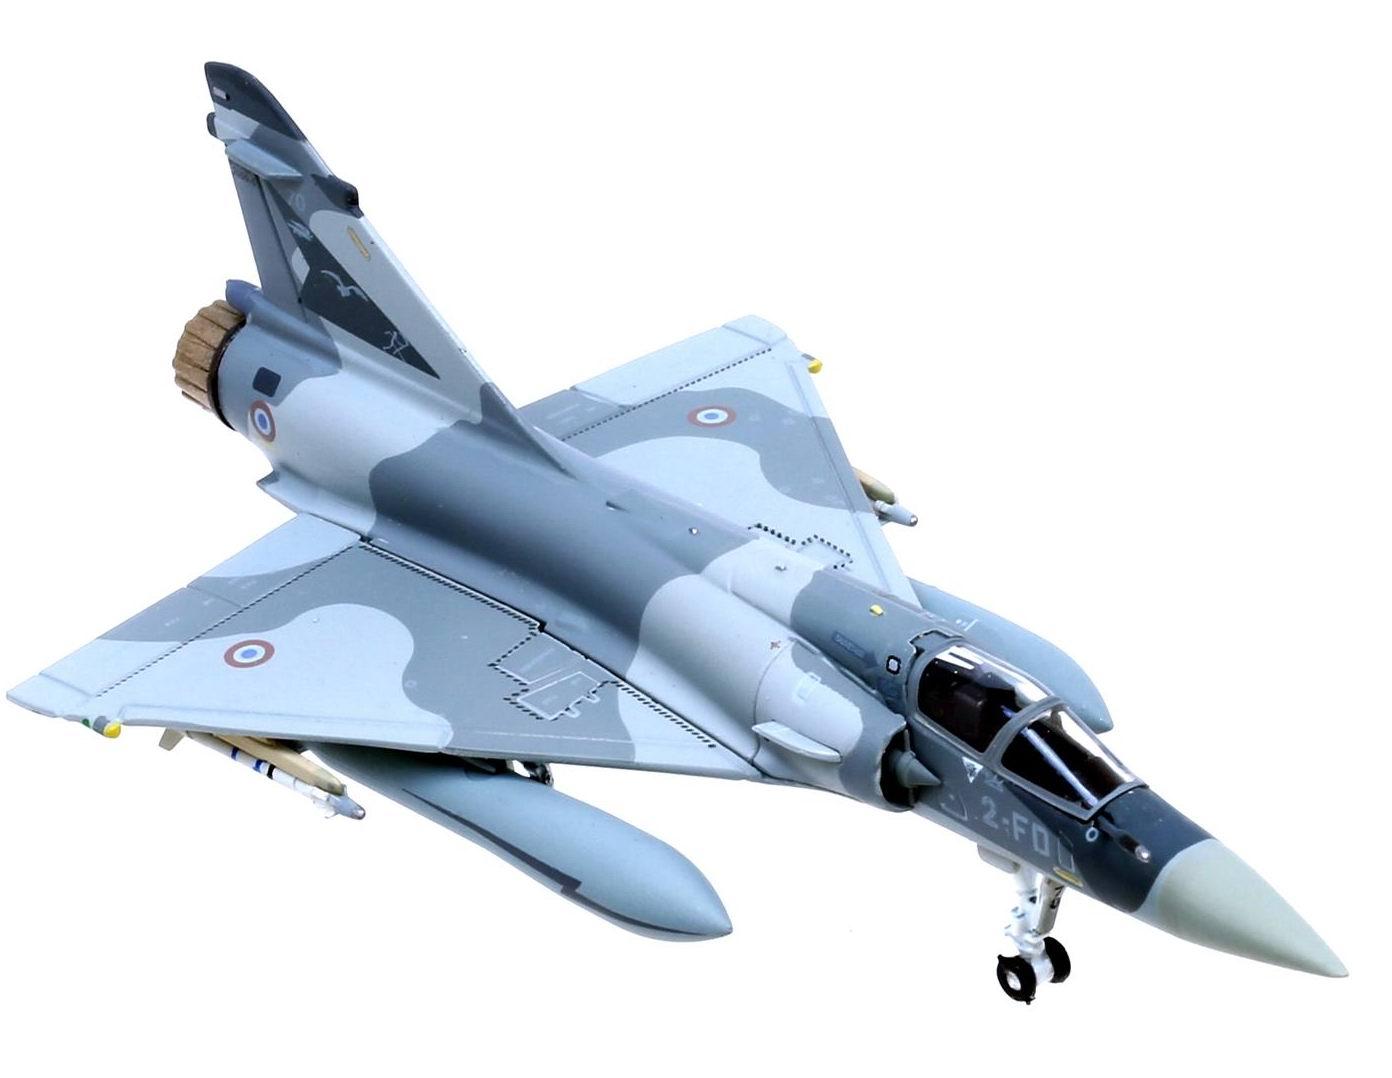 Maquette avion Mirage 2000-5 Base Aérienne 102 Dijon 1/200 Hogan